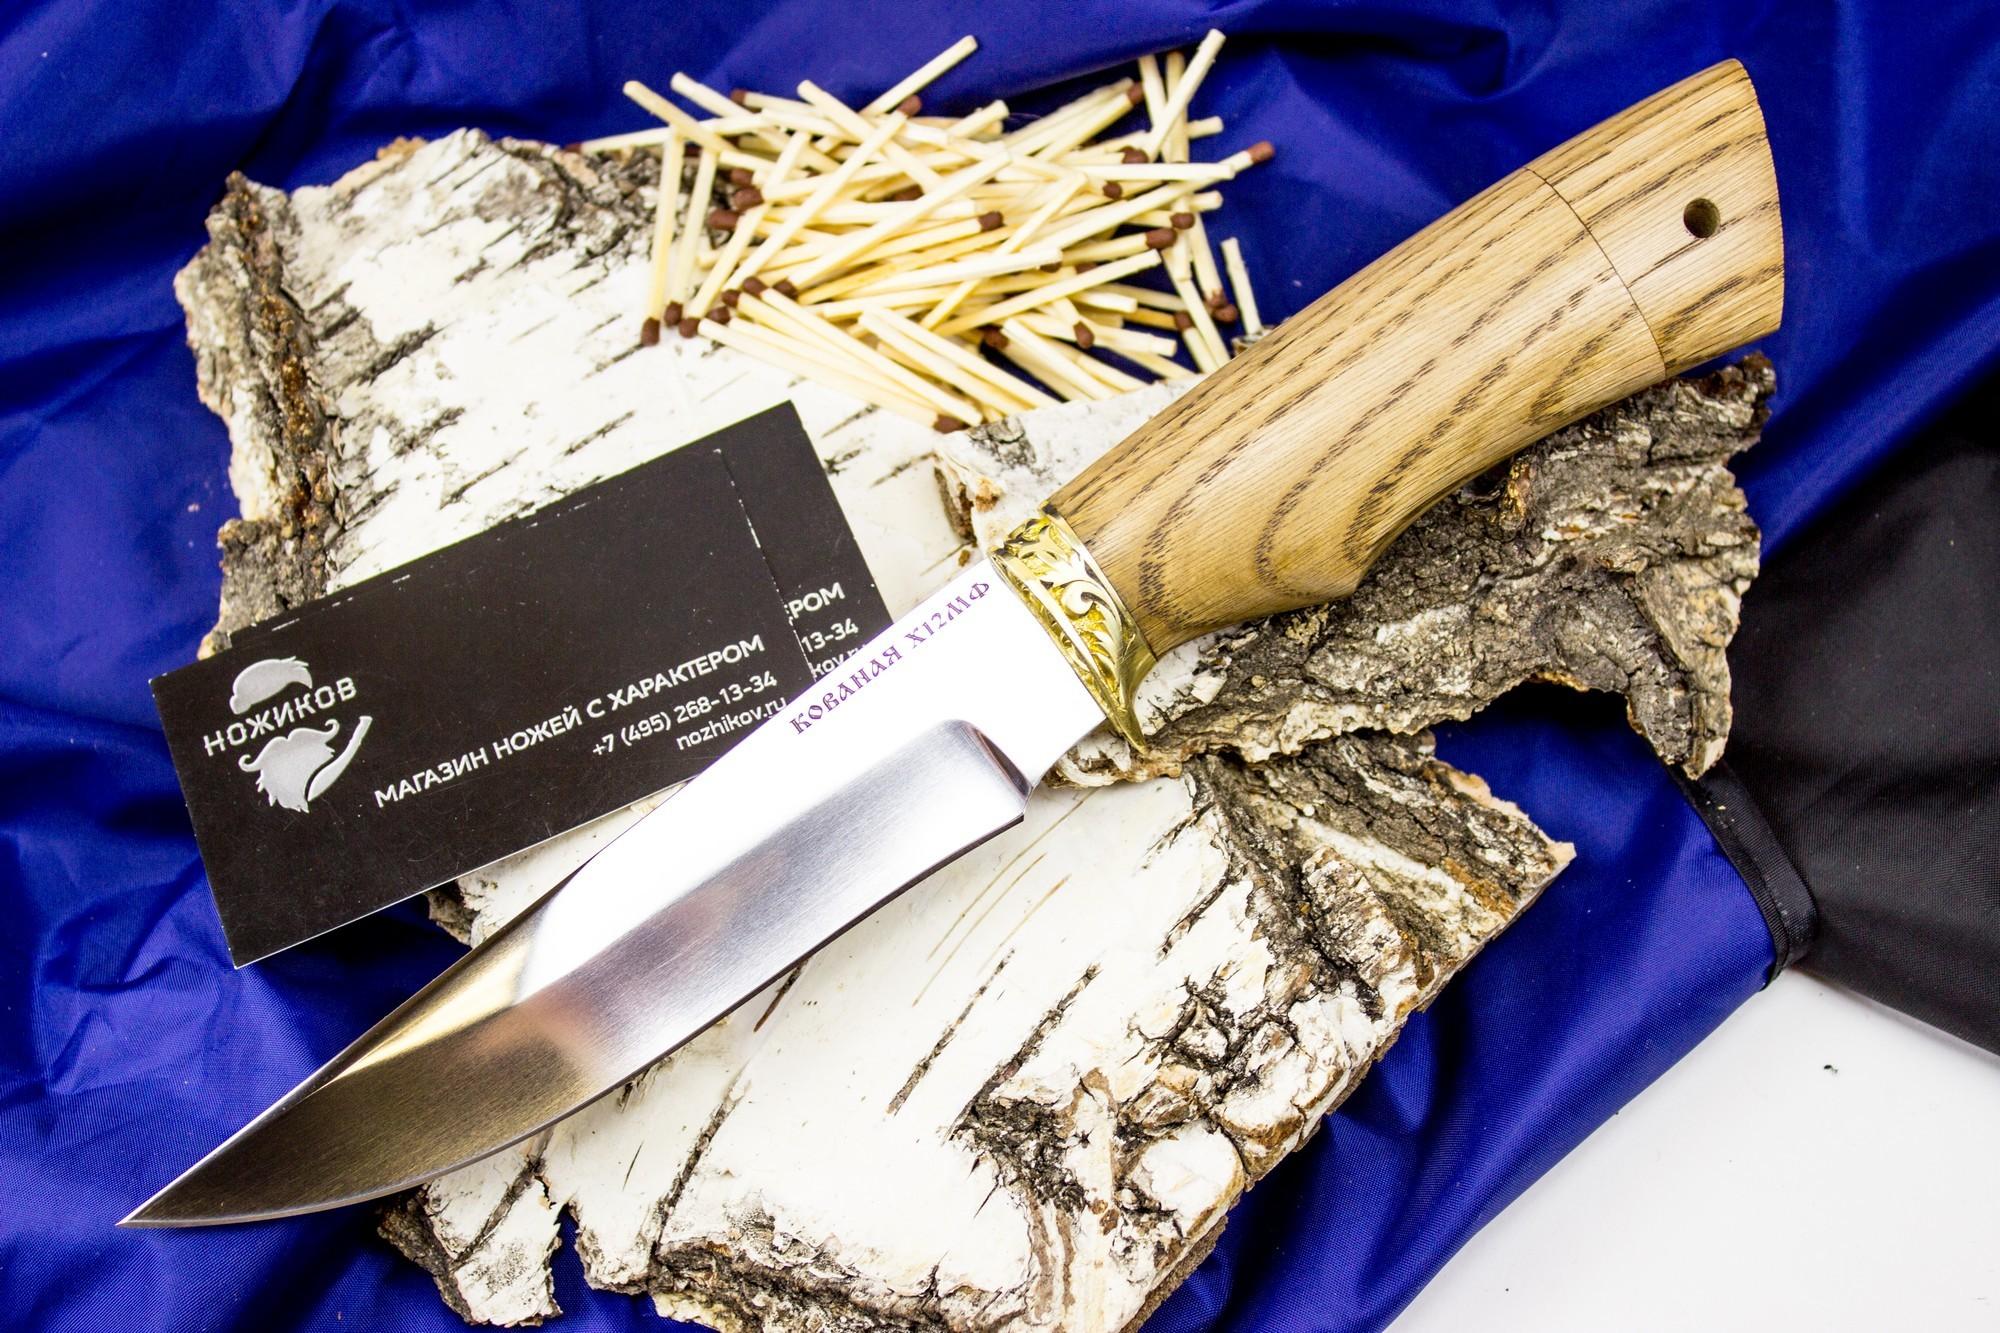 Нож Белка, сталь Х12МФ, мельхиорНожи Ворсма<br>Универсальный нож для рыболовов и туристов.Небольшойудобный нож, хорошо подходит для разделки животного. Благодаря закругленной носовой части клинка, можно аккуратно работать ножом при снятии шкуры, так чтобы не повредить ее. Клинок выполнен из стали Х12МФ. Нож обладает высокой износостойкостью и коррозионной стойкостью.<br>